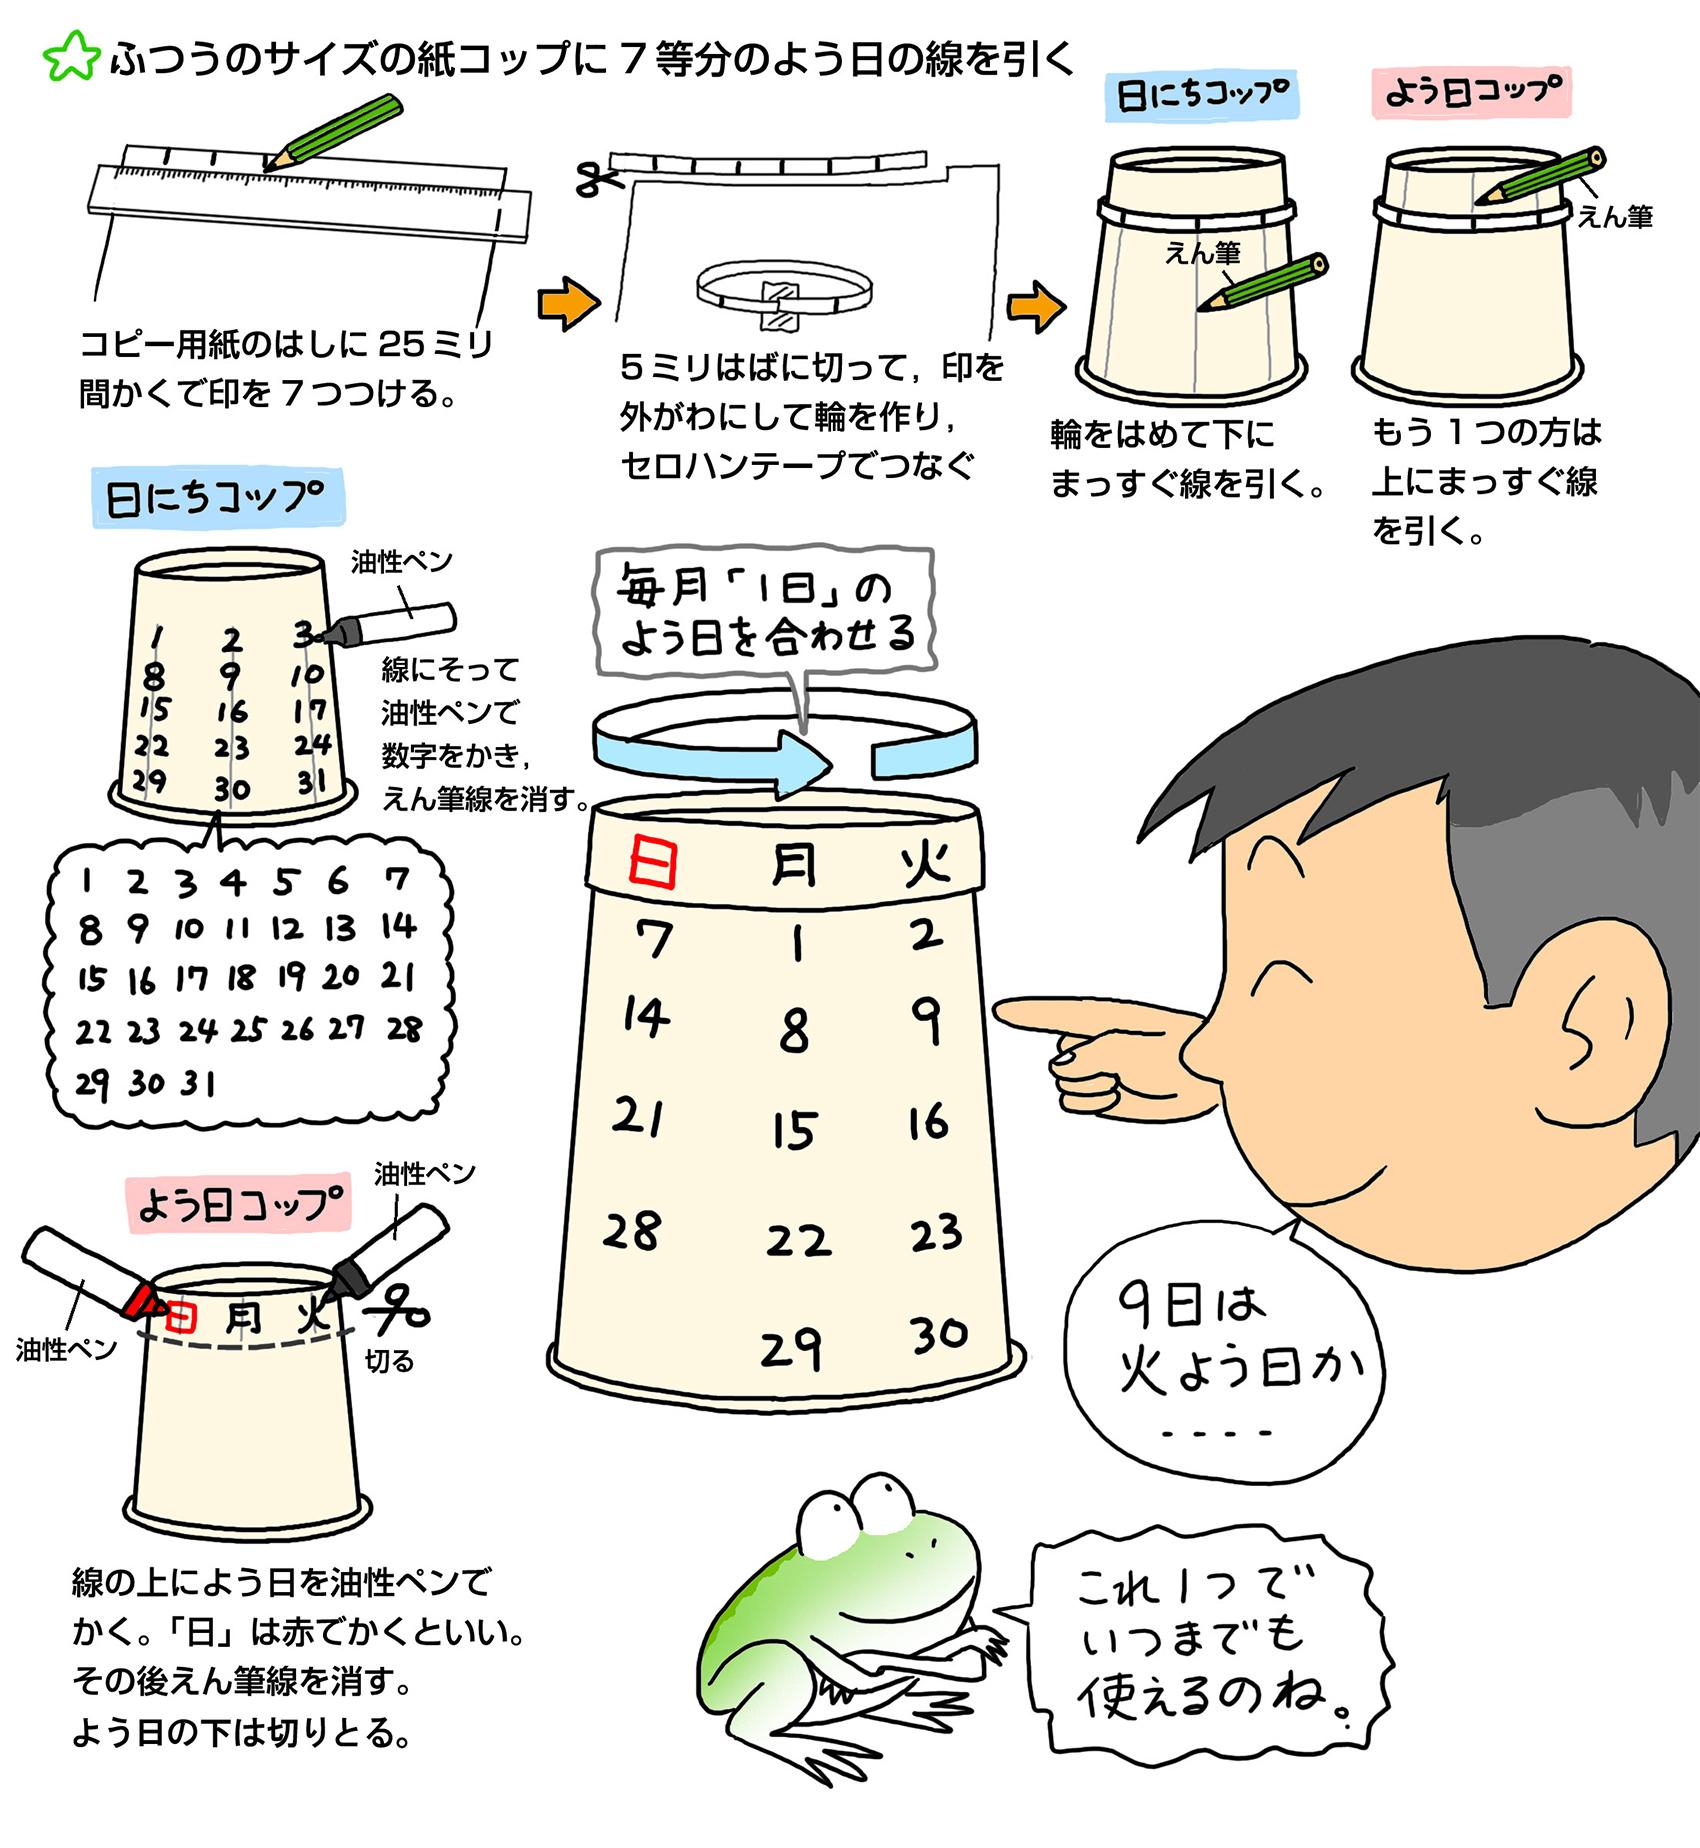 紙コップ永久(えいきゅう)カレンダー 工作 夏休み!自由研究 ...